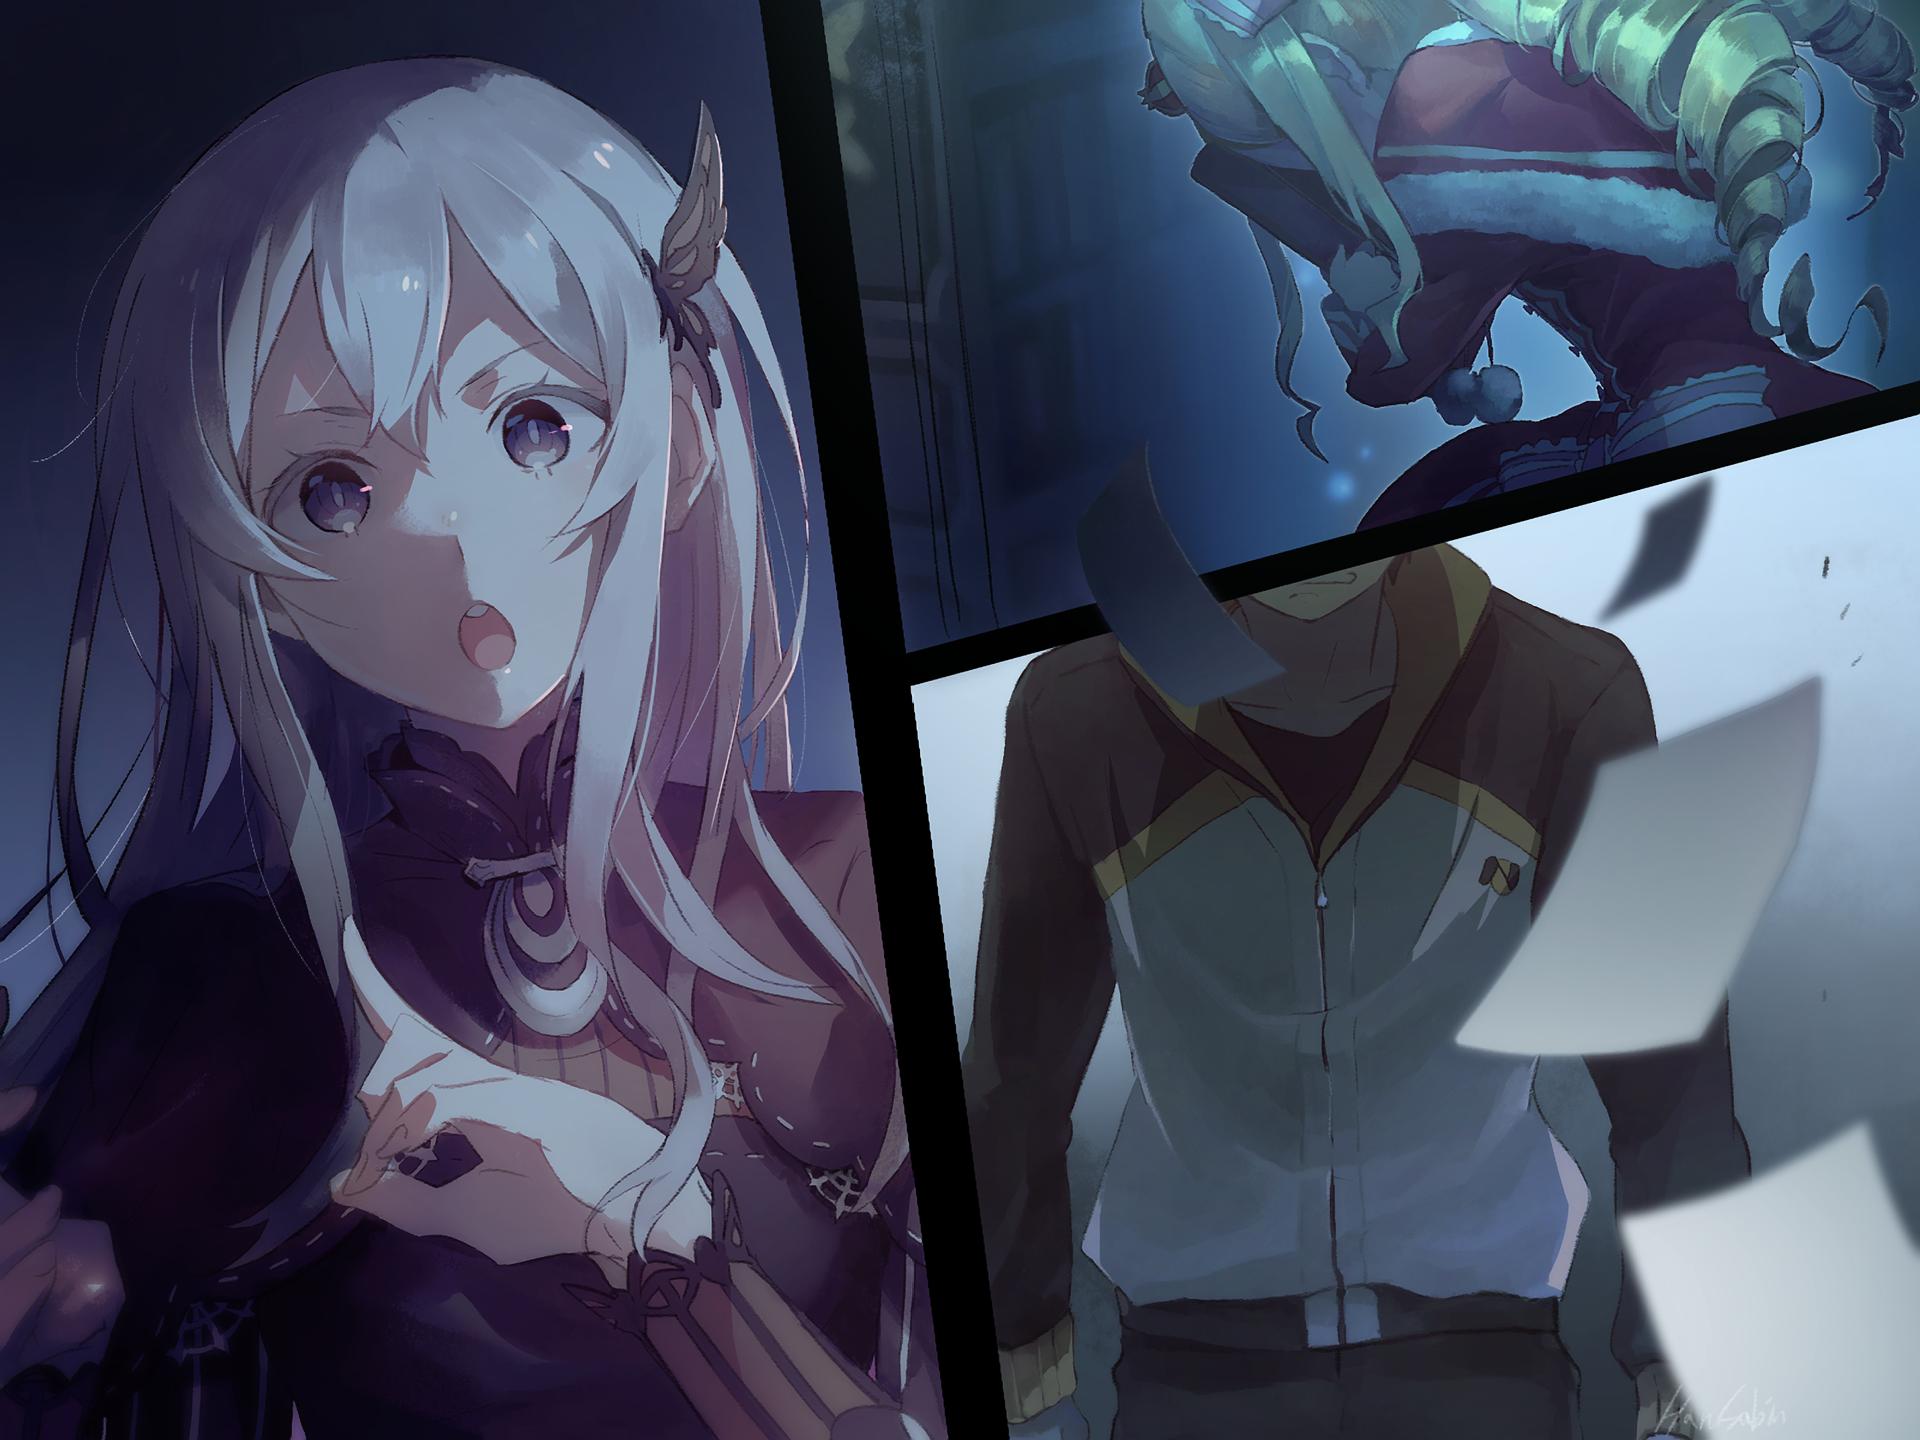 Anime Re Zero Starting Life In Another World Subaru Natsuki